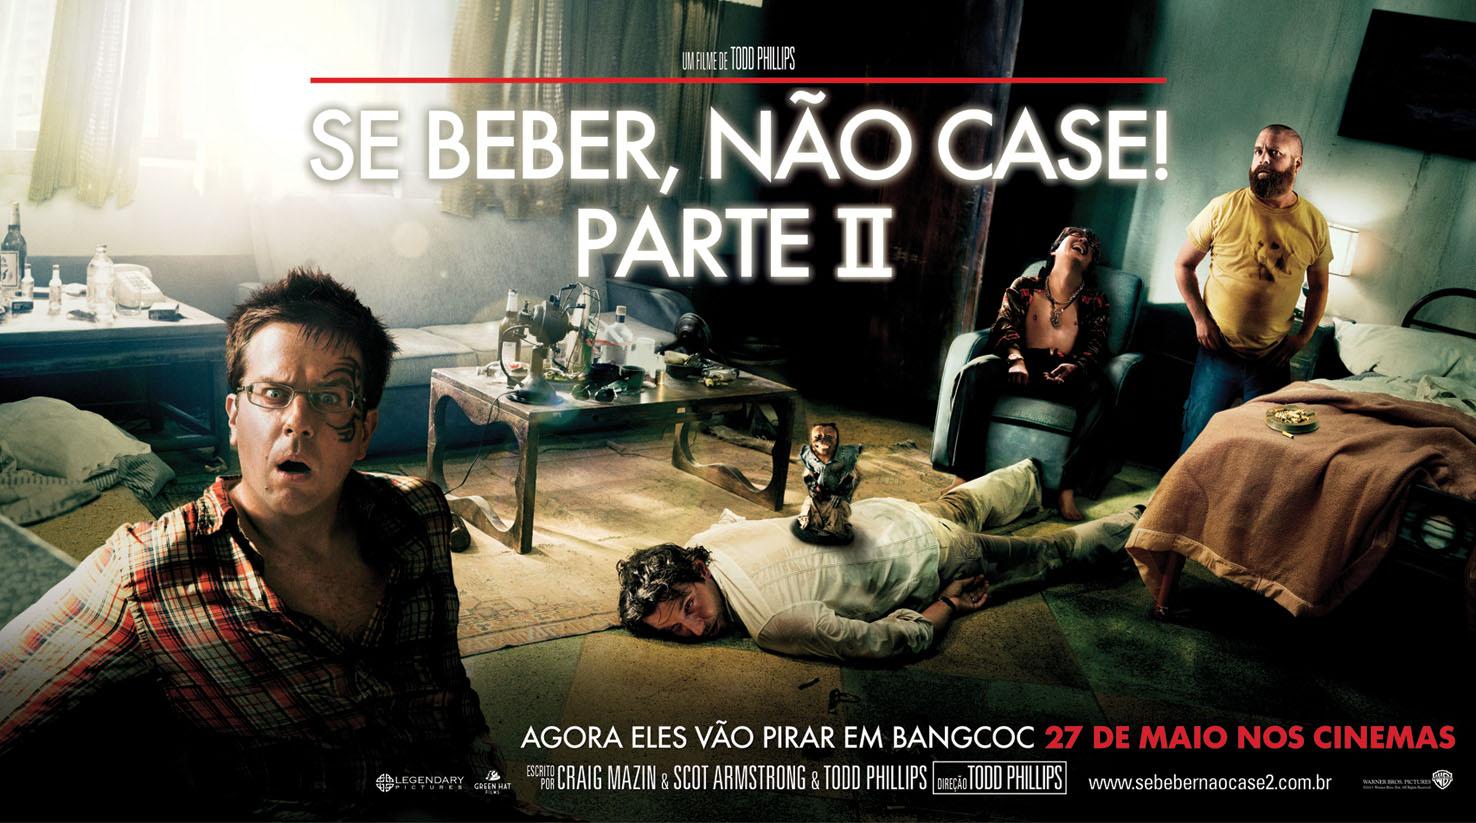 Se Beber, Não Case! Parte II (2011) BluRay 720p Dublado Torrent Download